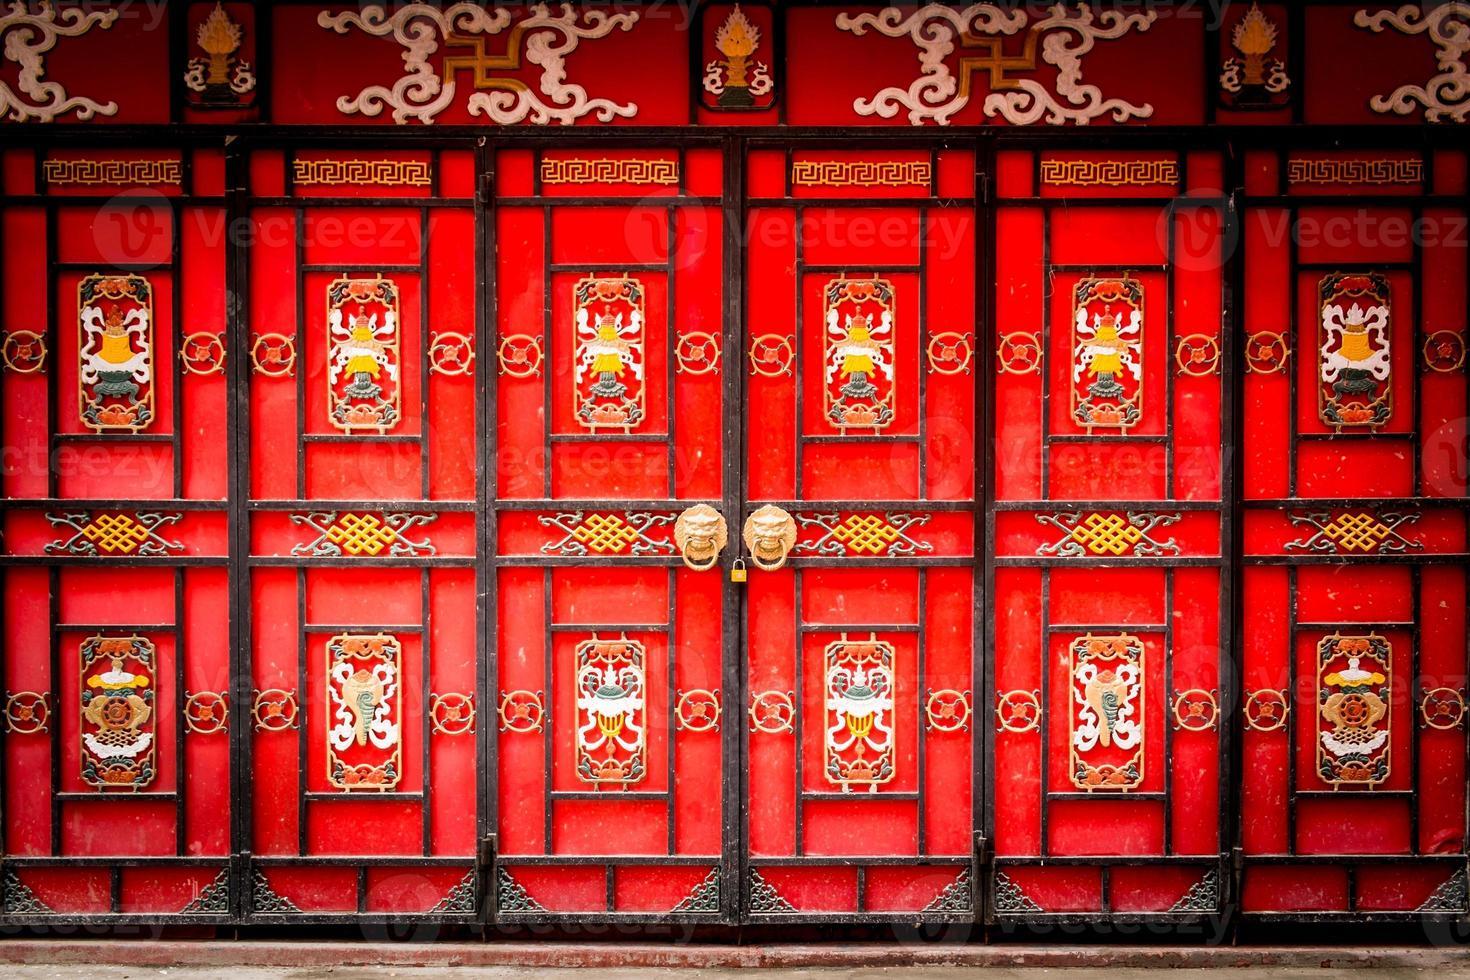 porta cinese tradizionale con ante a soffietto. foto